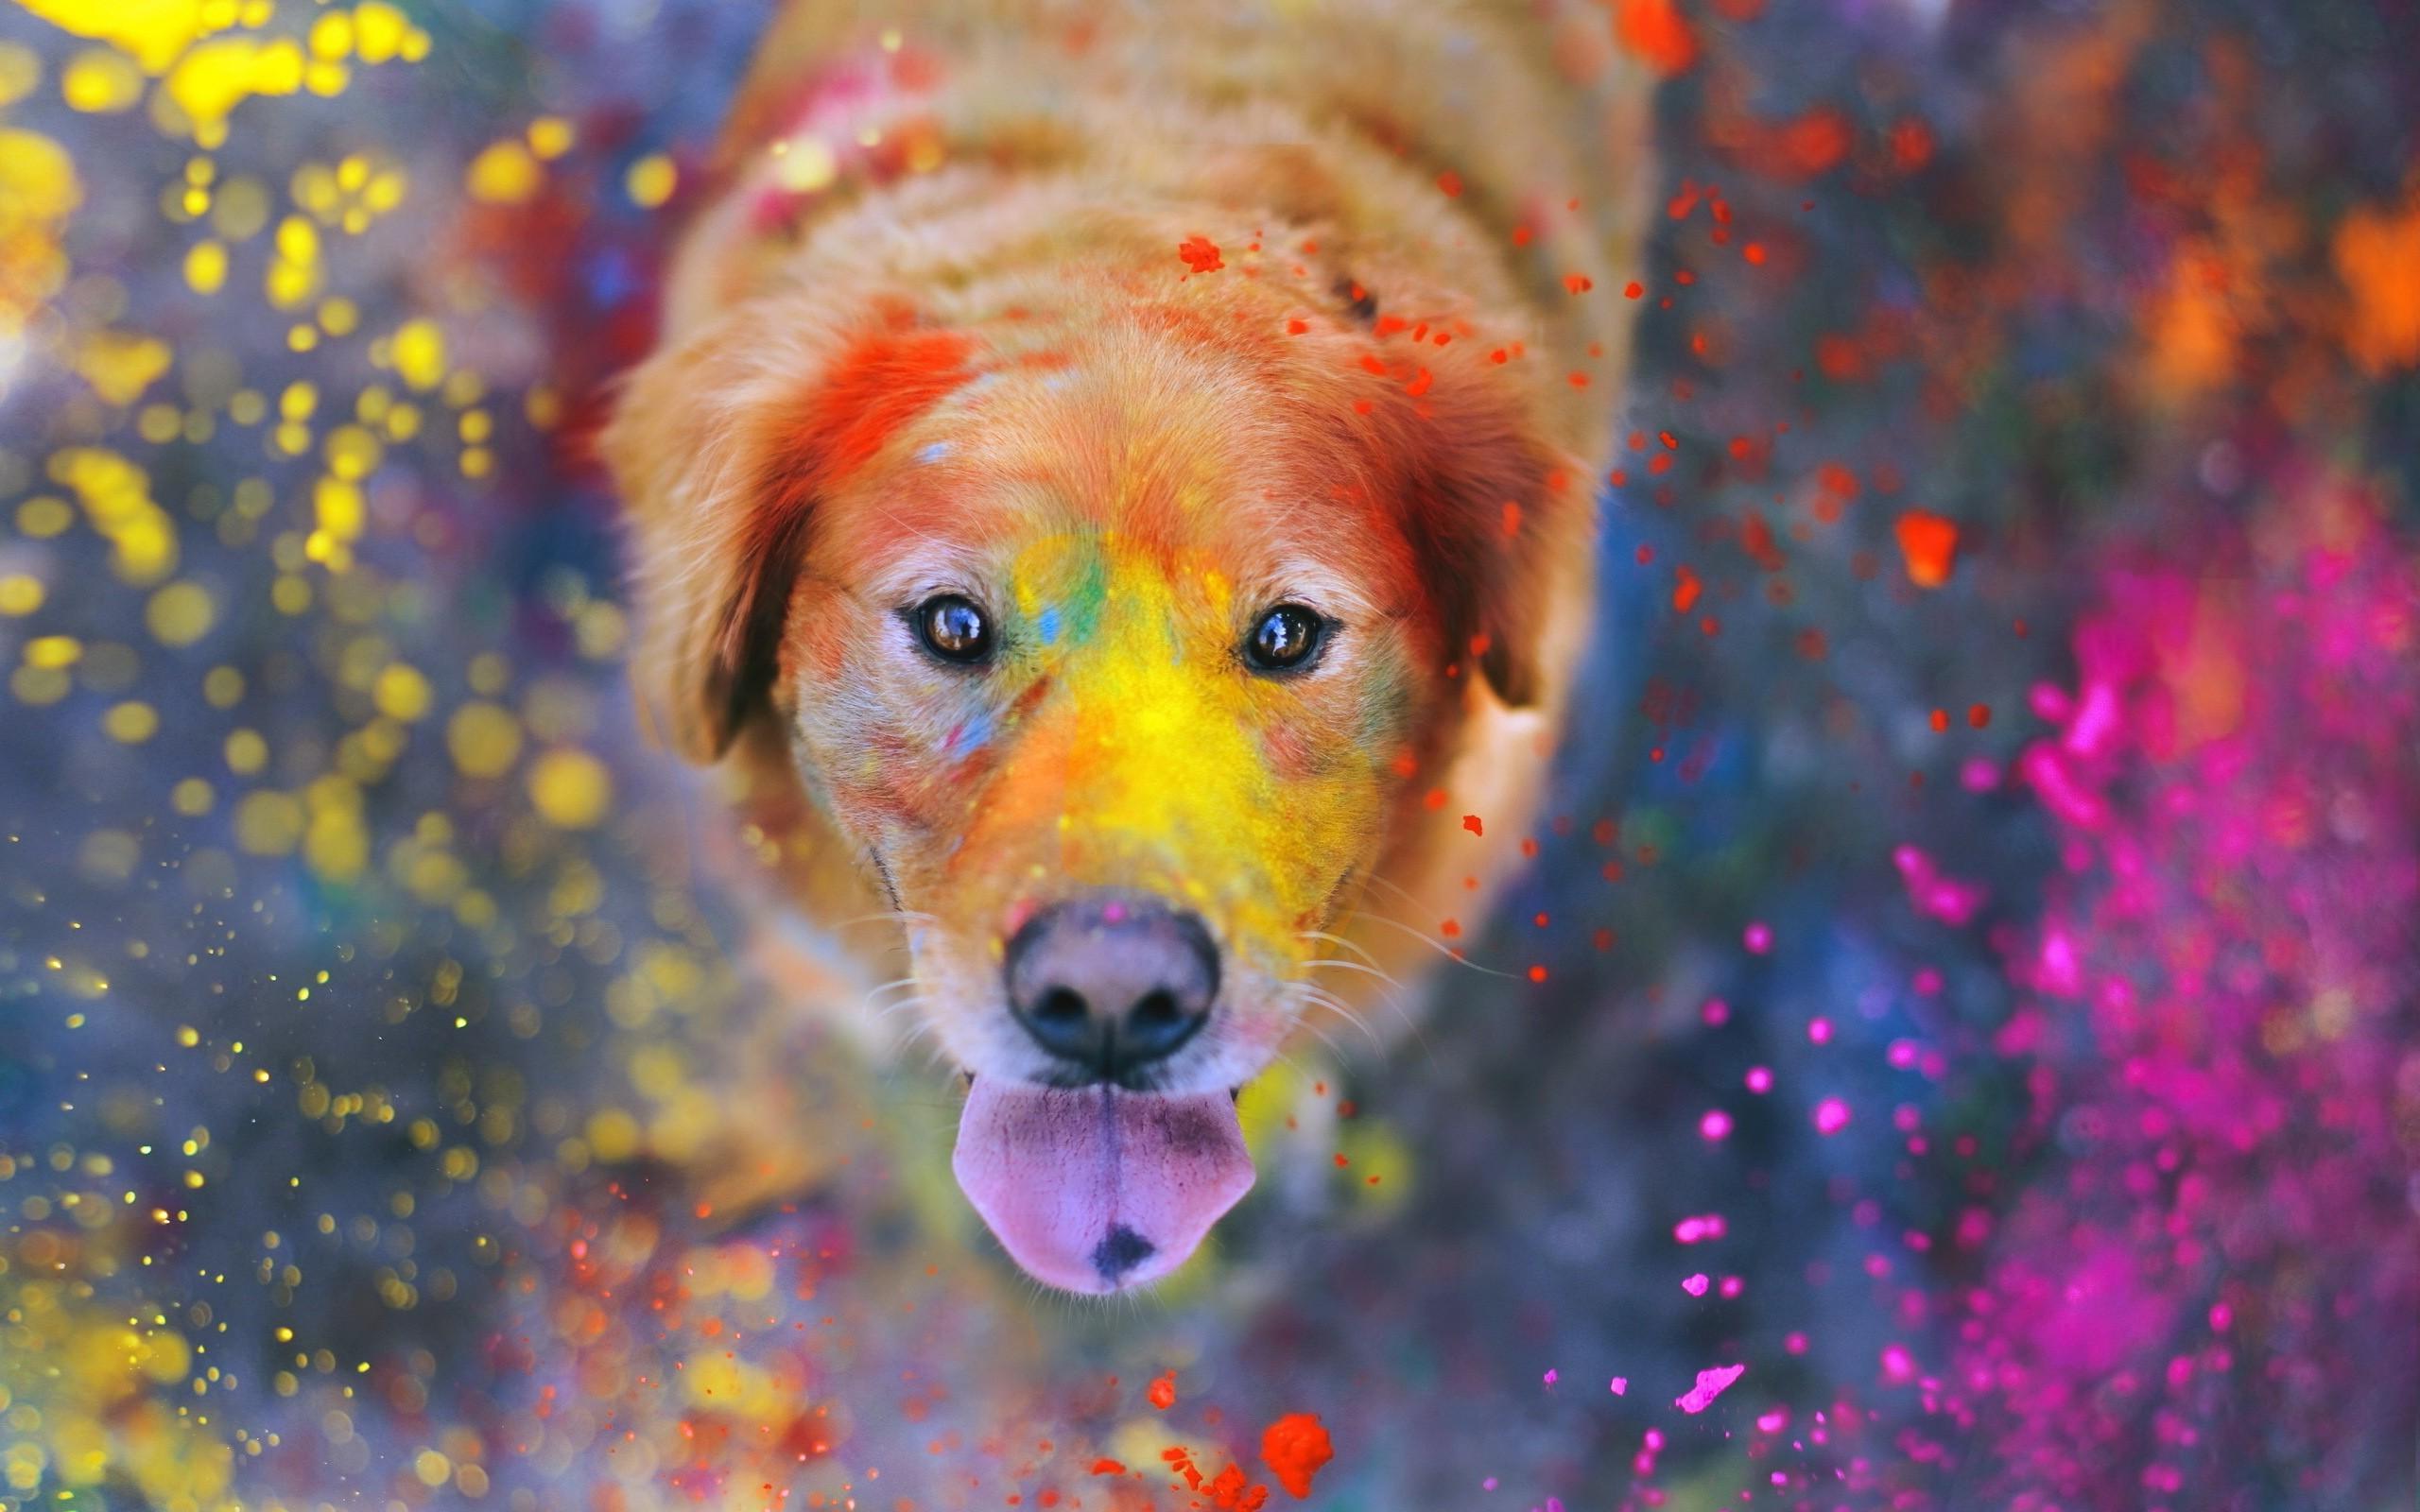 Masaüstü 2560x1600 Piksel Hayvanlar Renkli Köpek Labrador